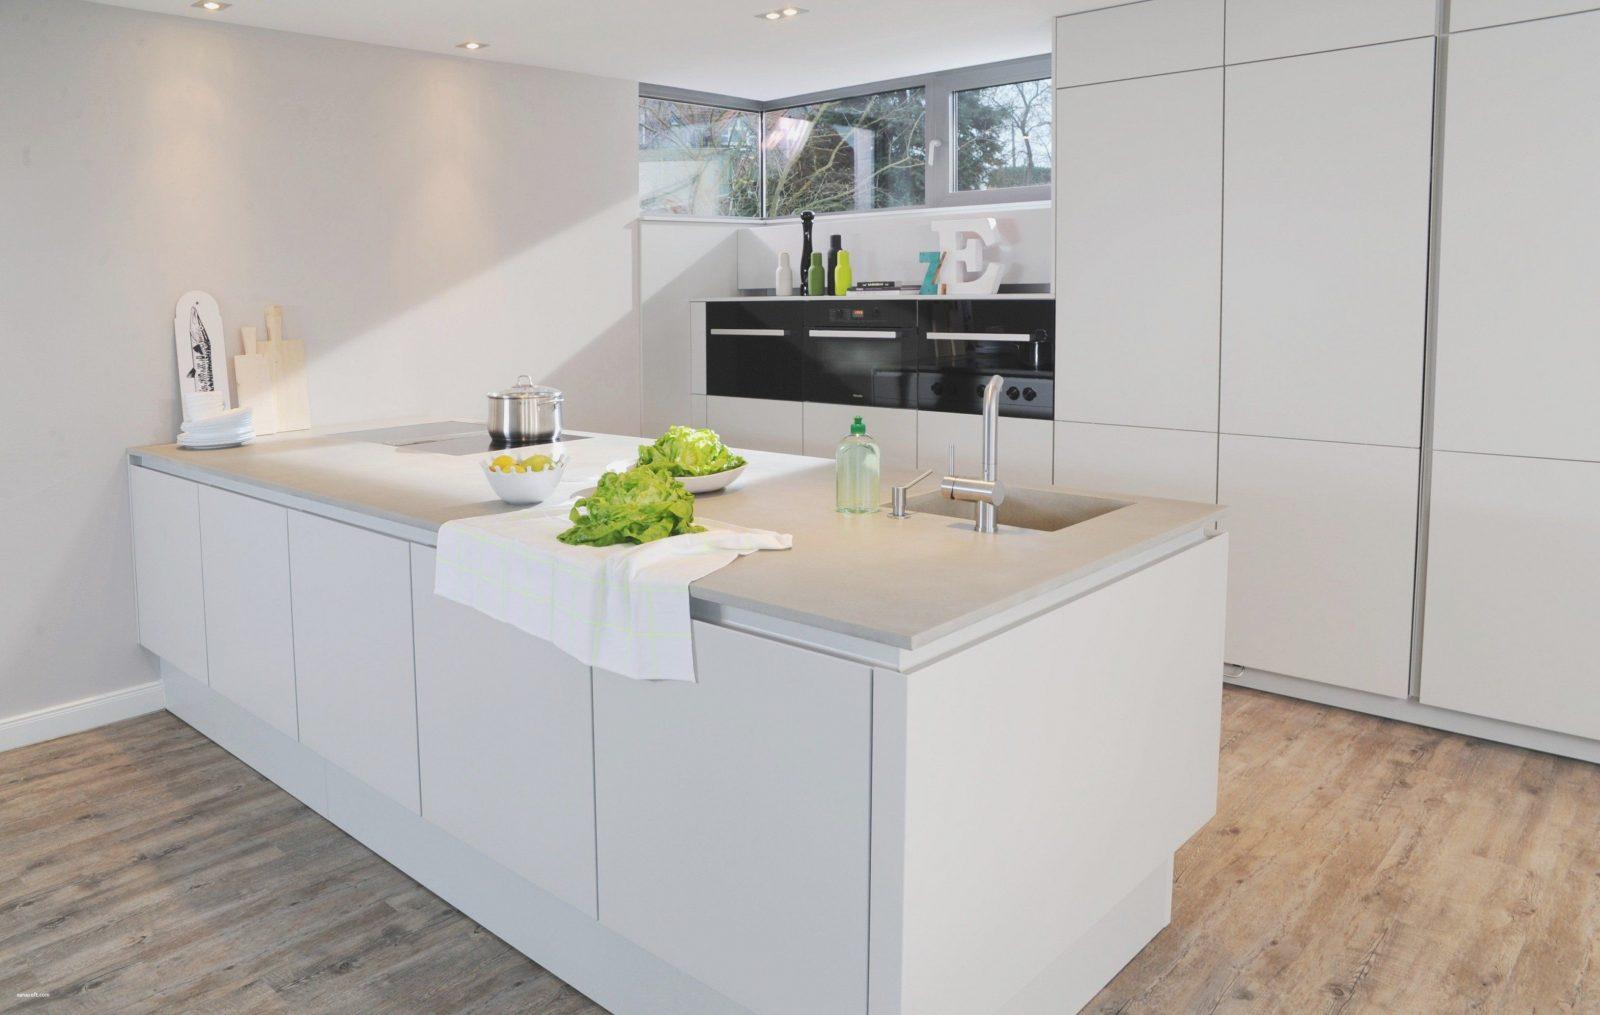 Das Tolle Küche Weiß Gebraucht Köln Gestalten von Gebrauchte Küchen In Köln Bild